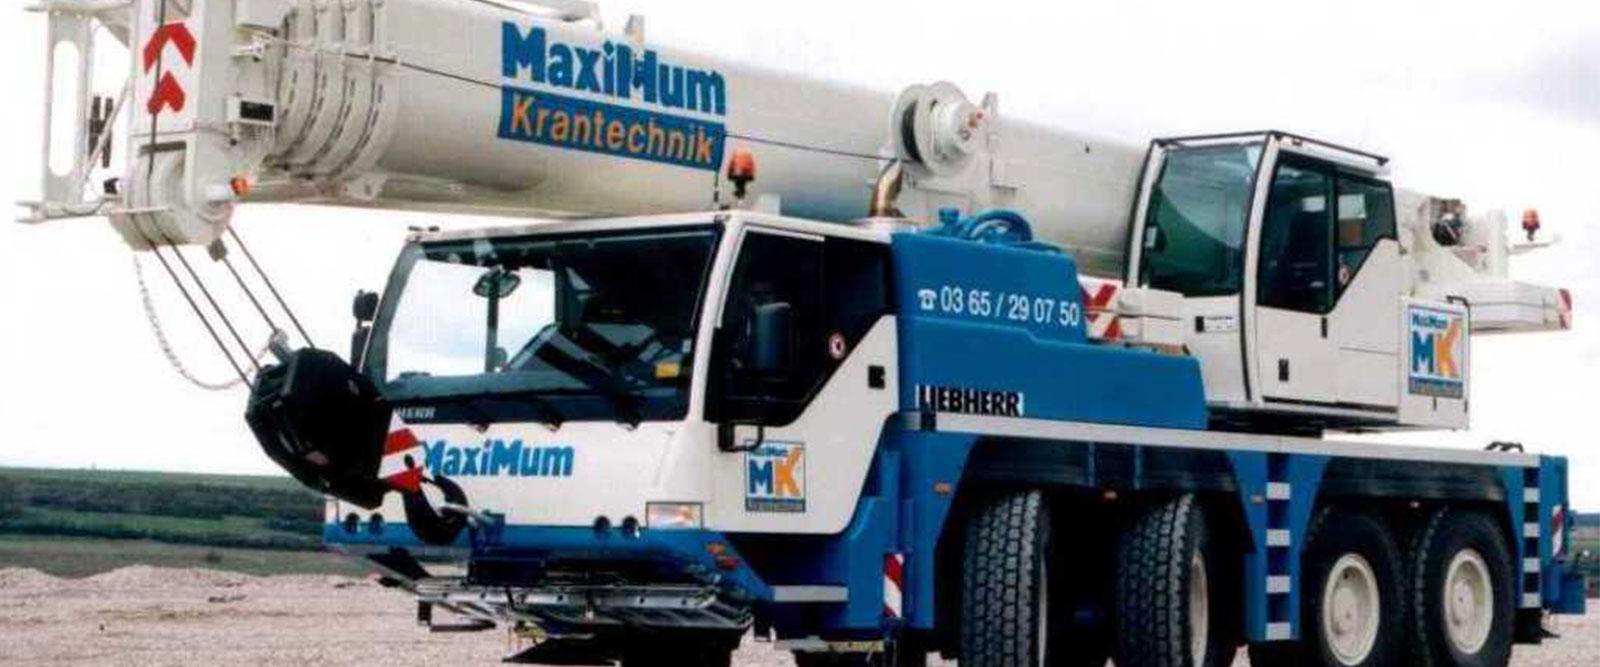 MaxiMum_02